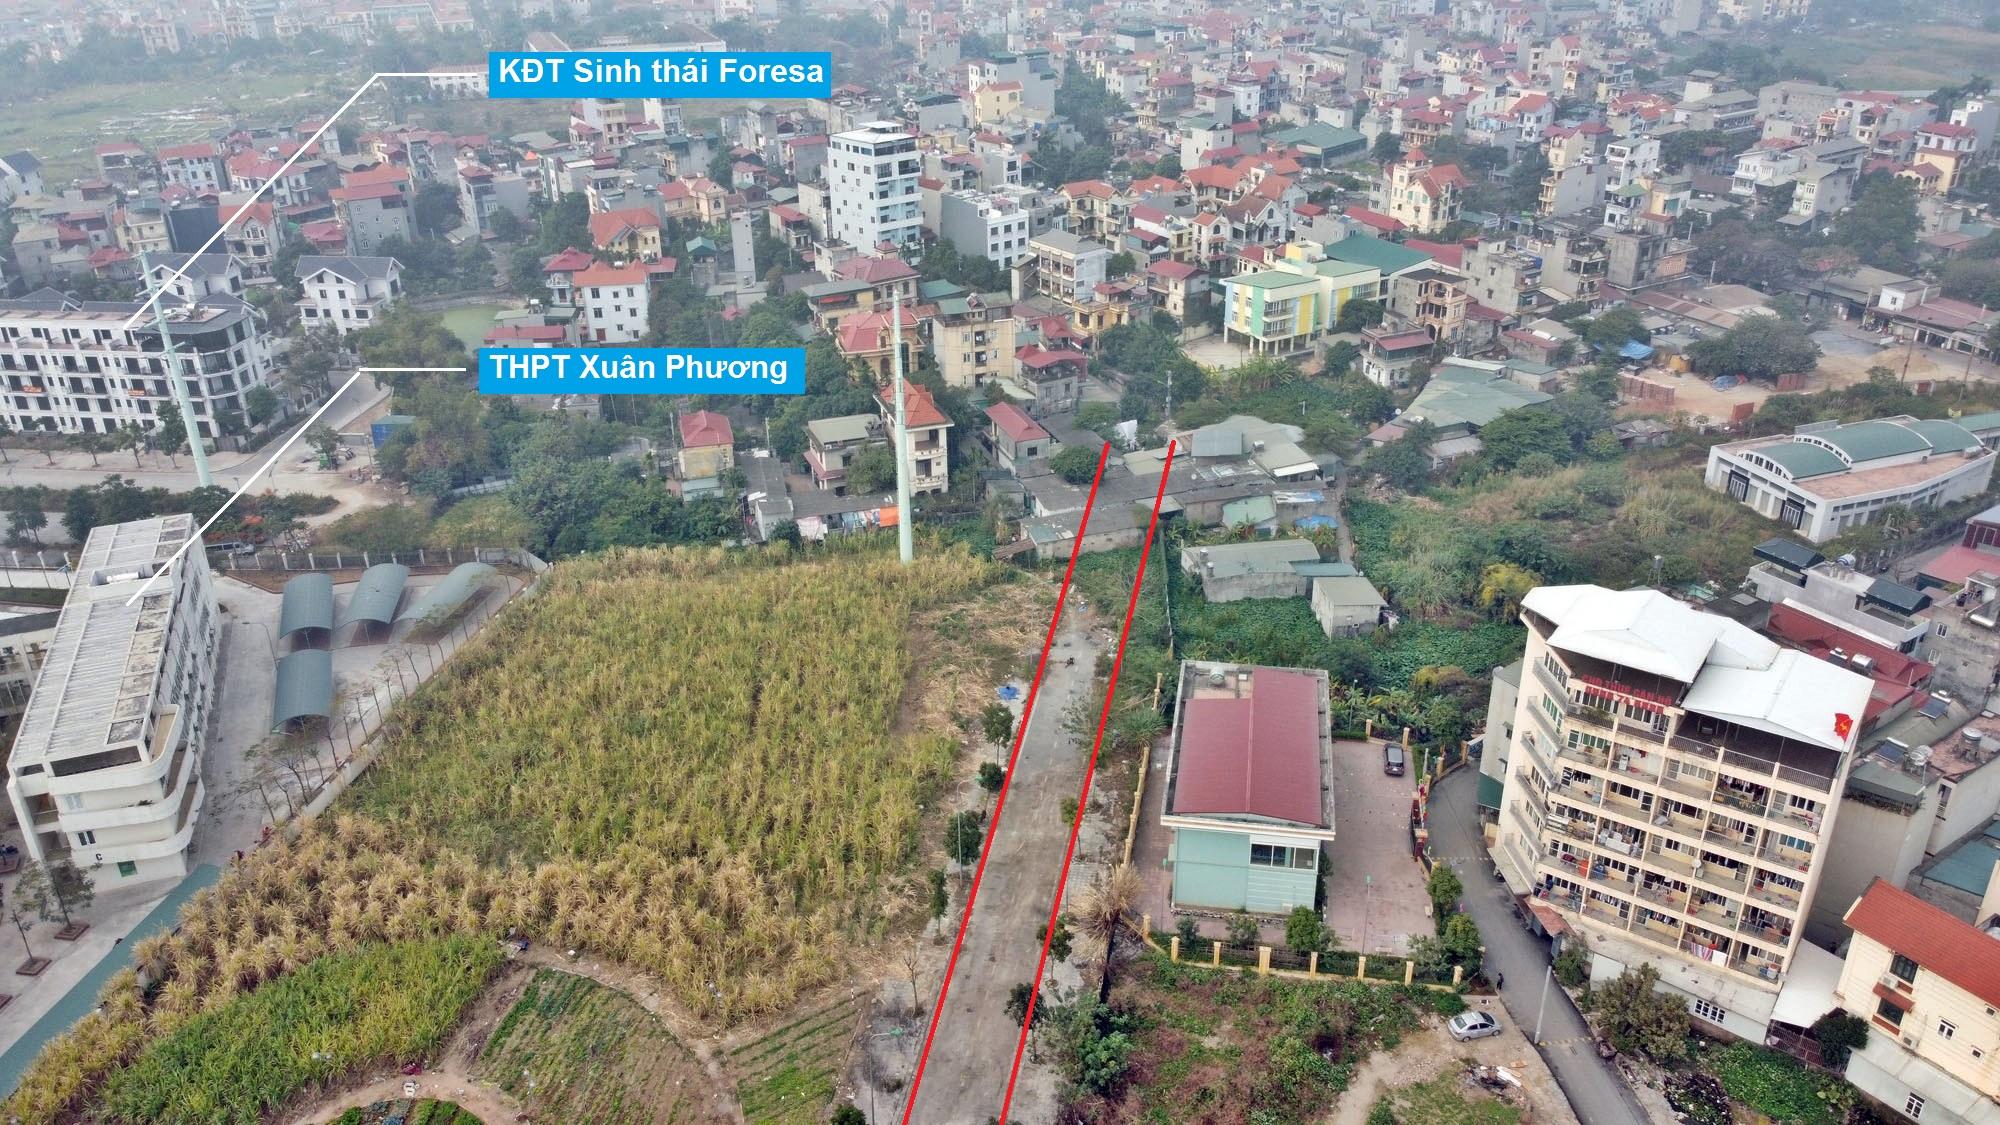 Ba đường sẽ mở theo qui hoạch ở phường Xuân Phương, Nam Từ Liêm, Hà Nội (phần 2) - Ảnh 5.